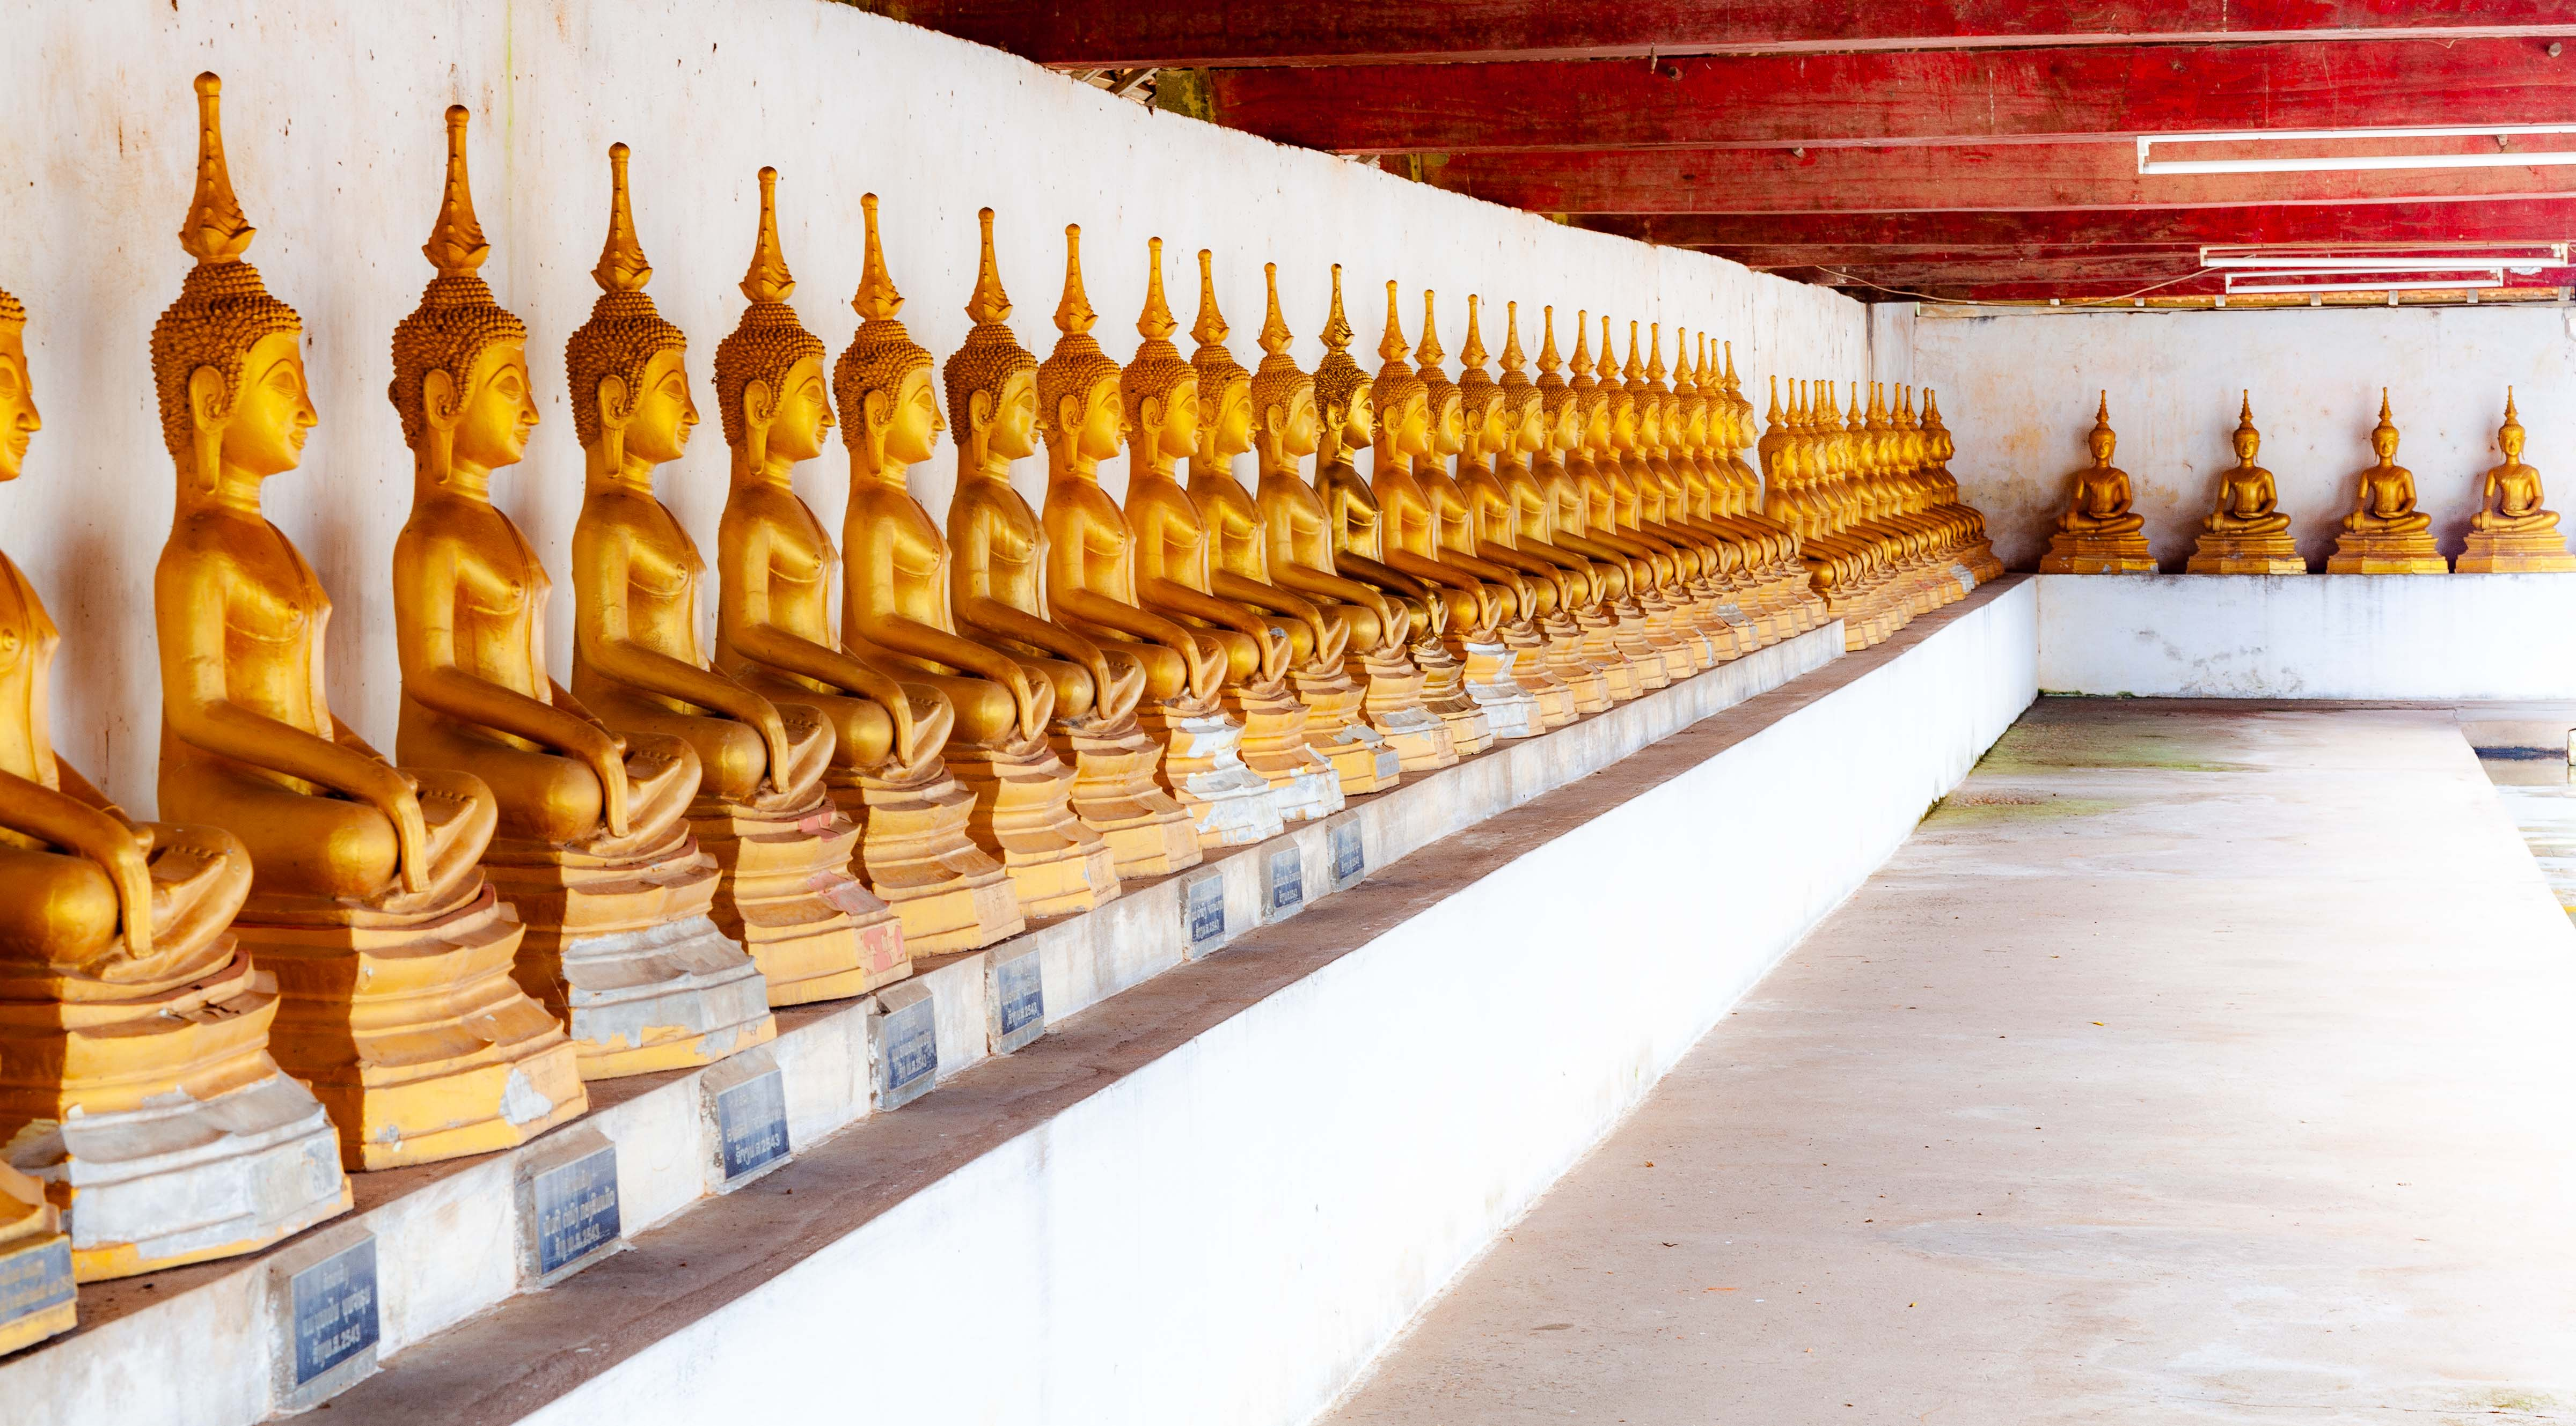 Laos, Savannakhet Prov, Buddhas, 2011, IMG 4184